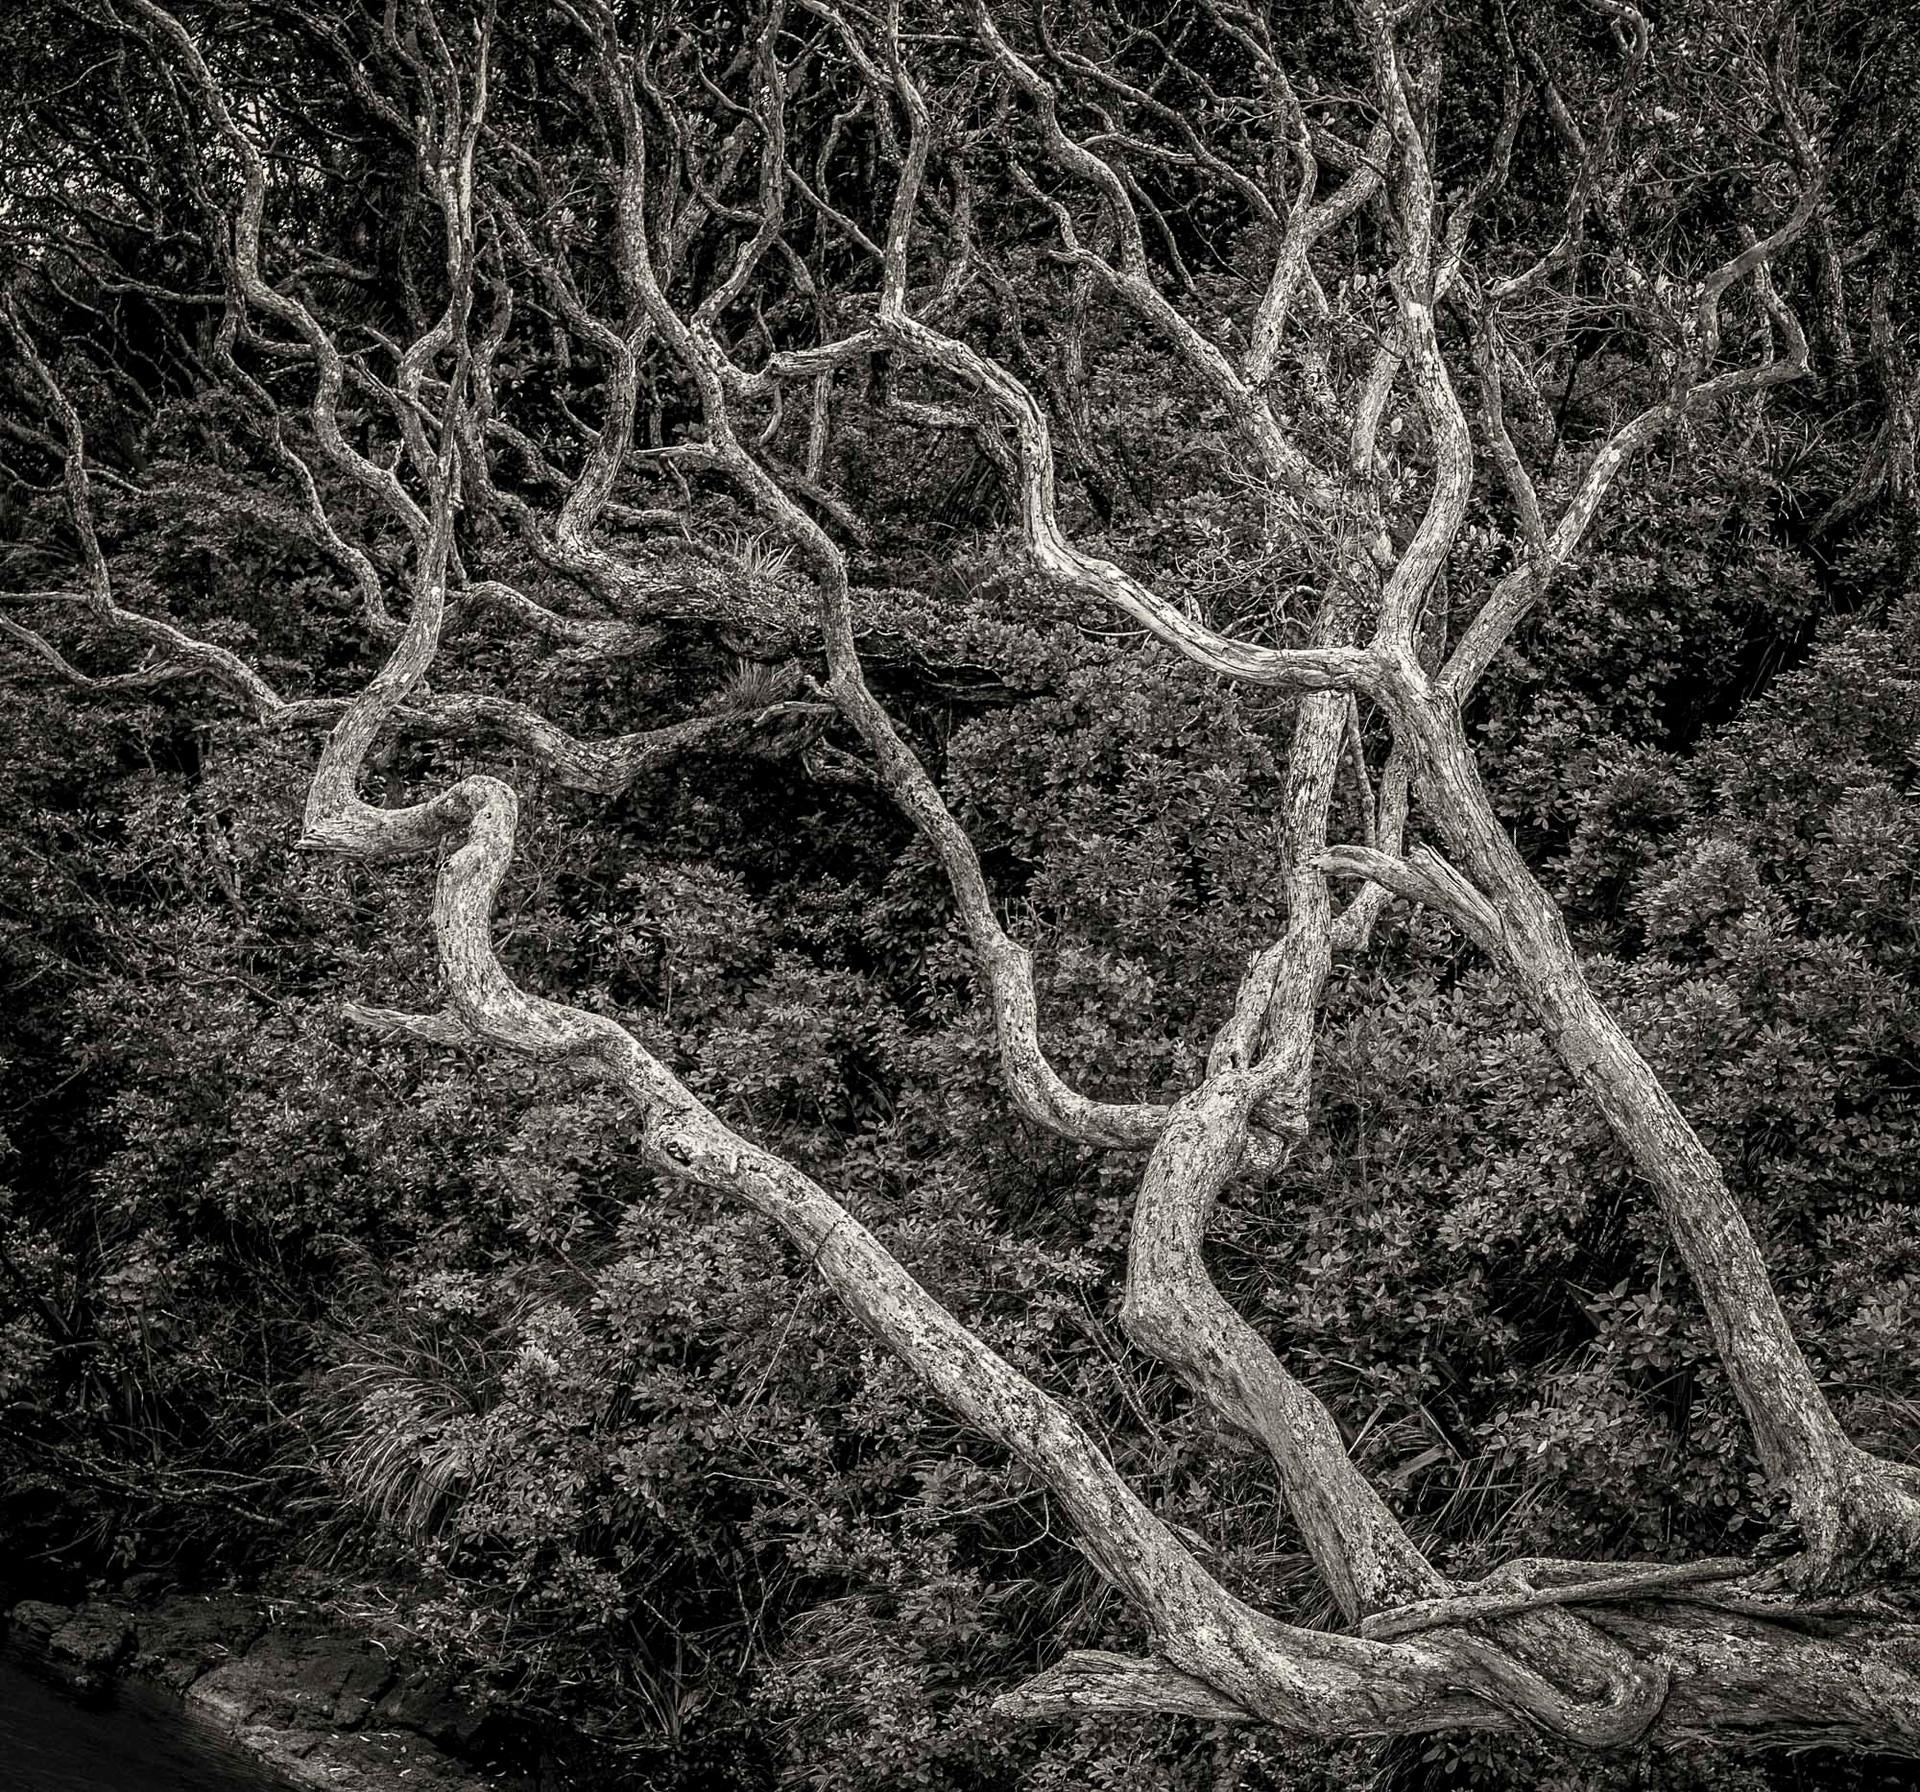 Siddho-Photography-nature-BW-13.jpg